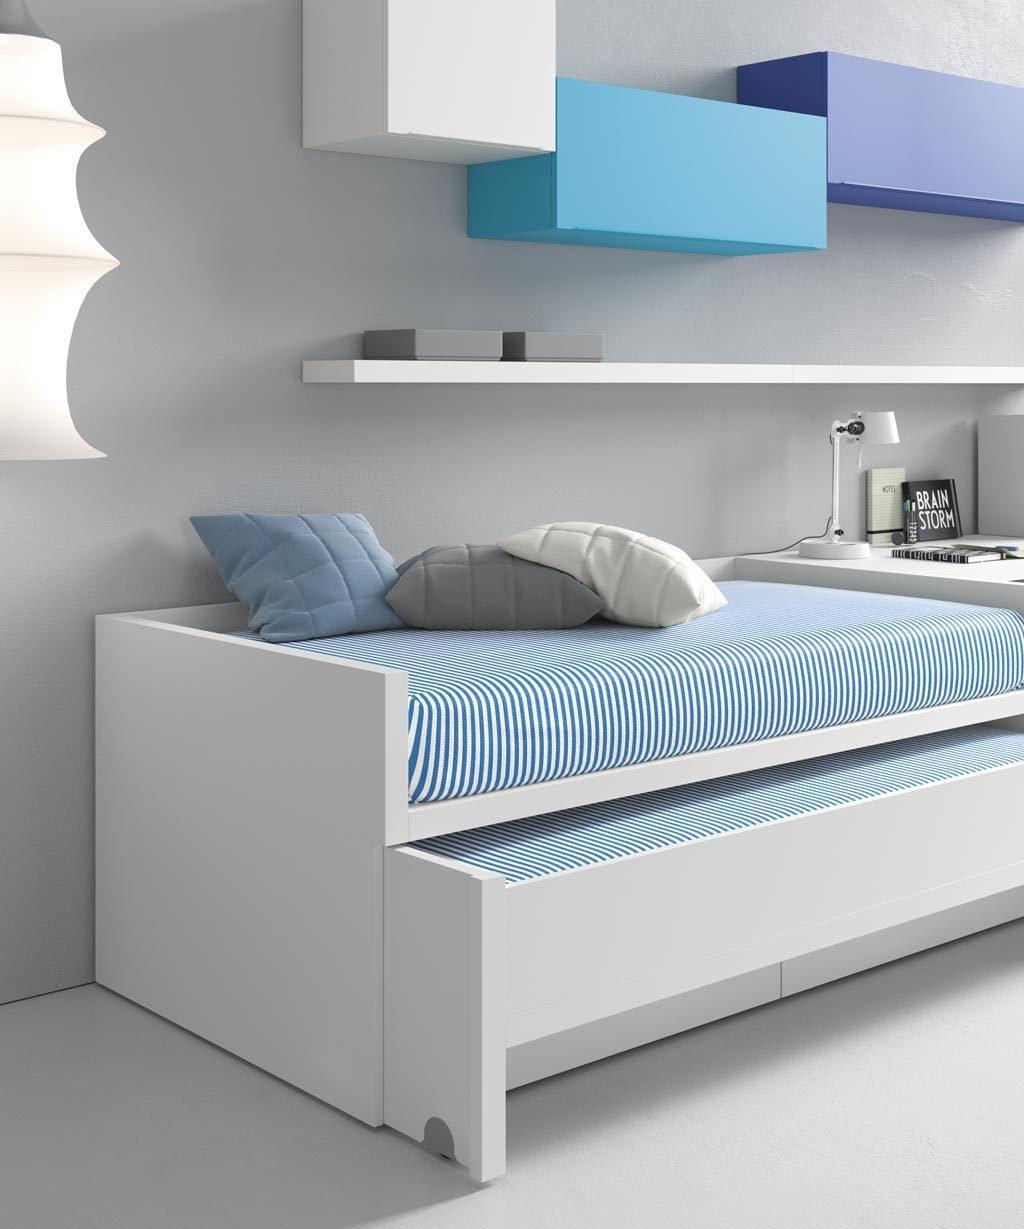 La cama de arrastre inferior puede tener un lateral para que cuando este cerrada quede más integrada